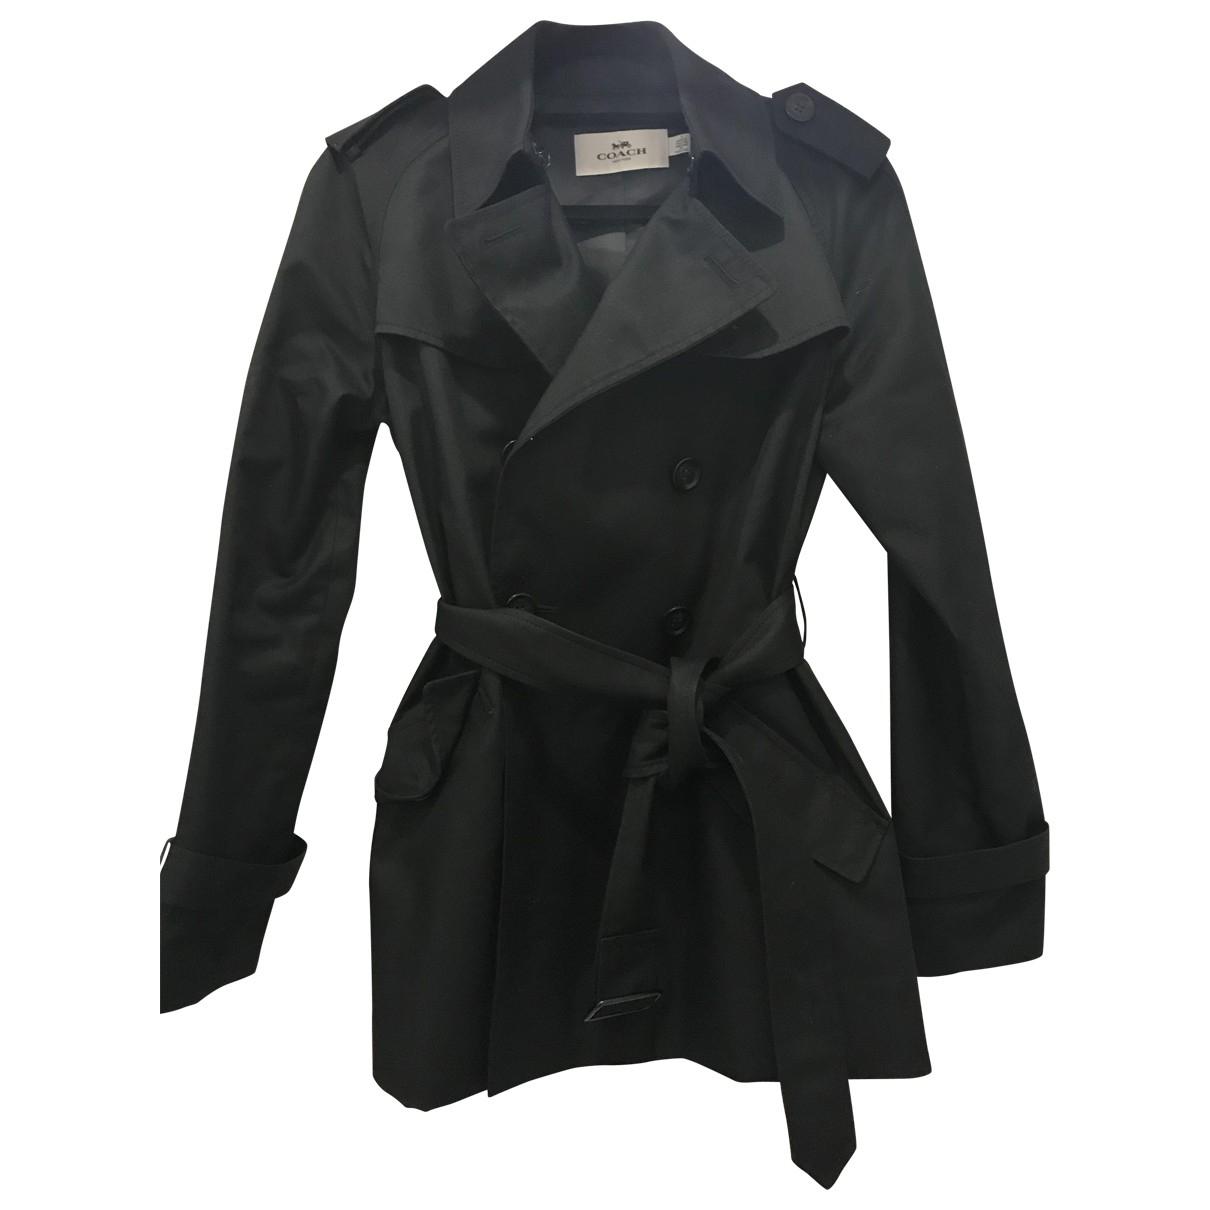 Coach - Manteau   pour femme - noir